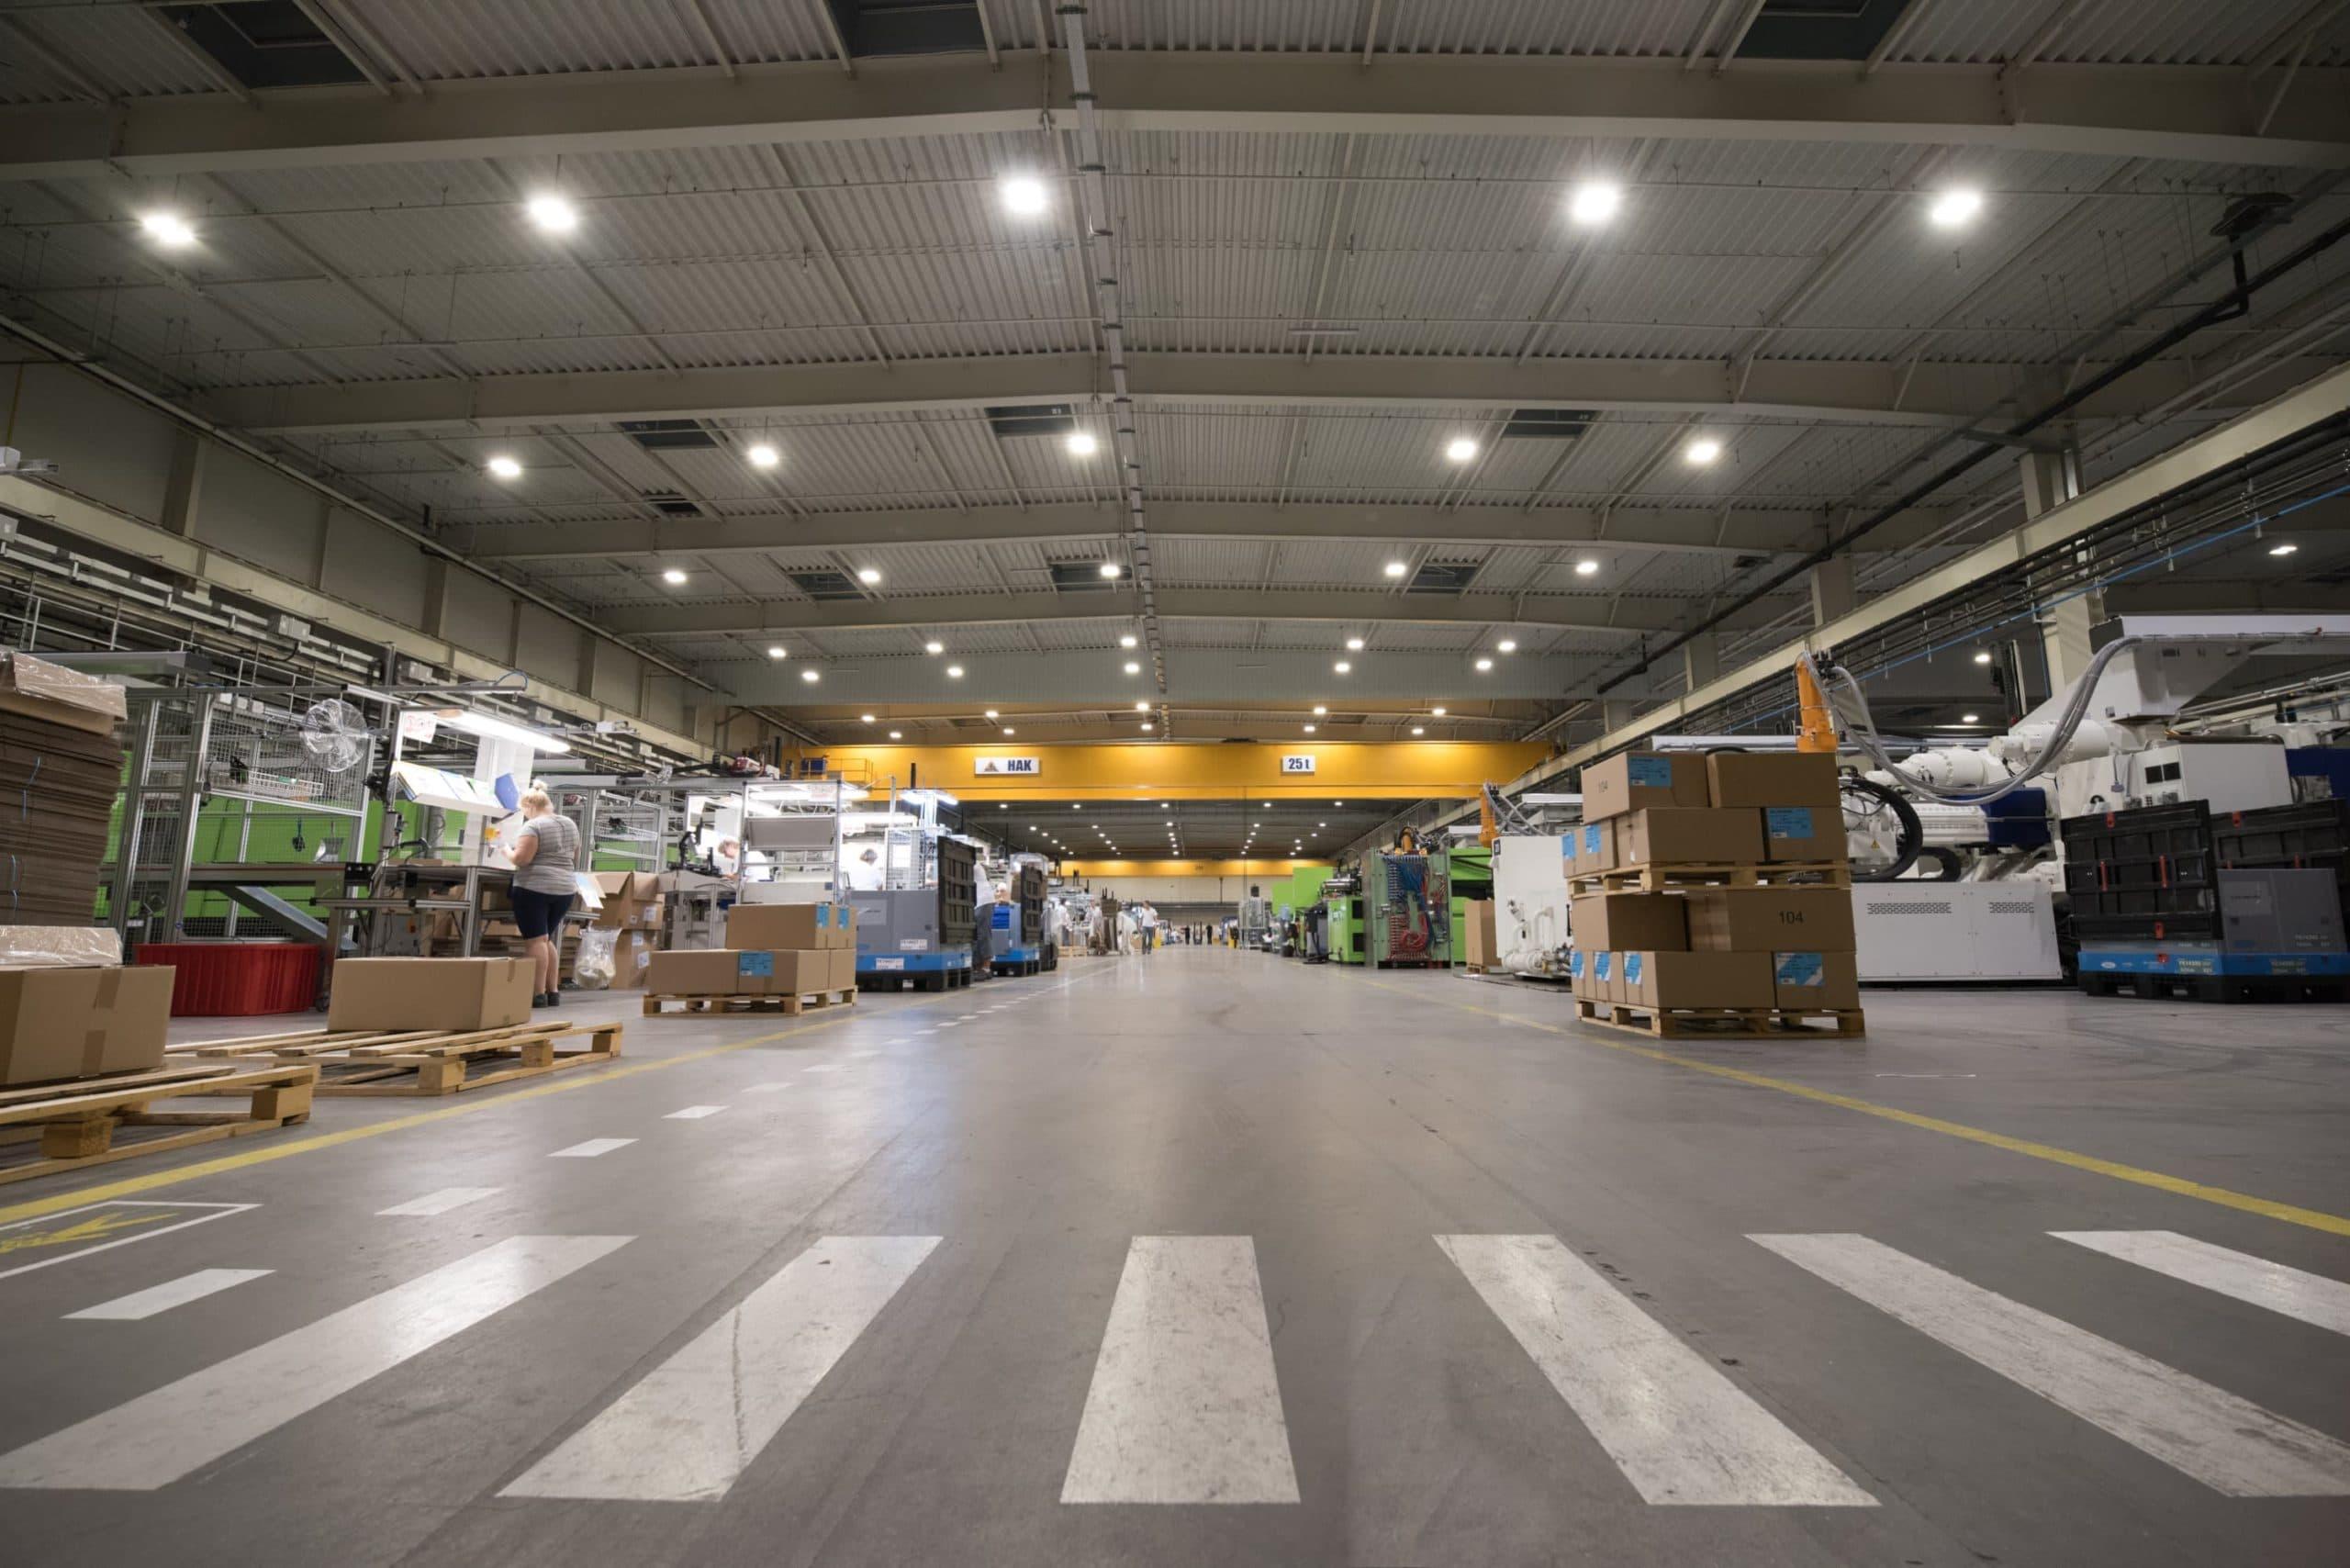 Oprawy Highbay w zakłądzie firmy Industrias Alegre - Luxon LED